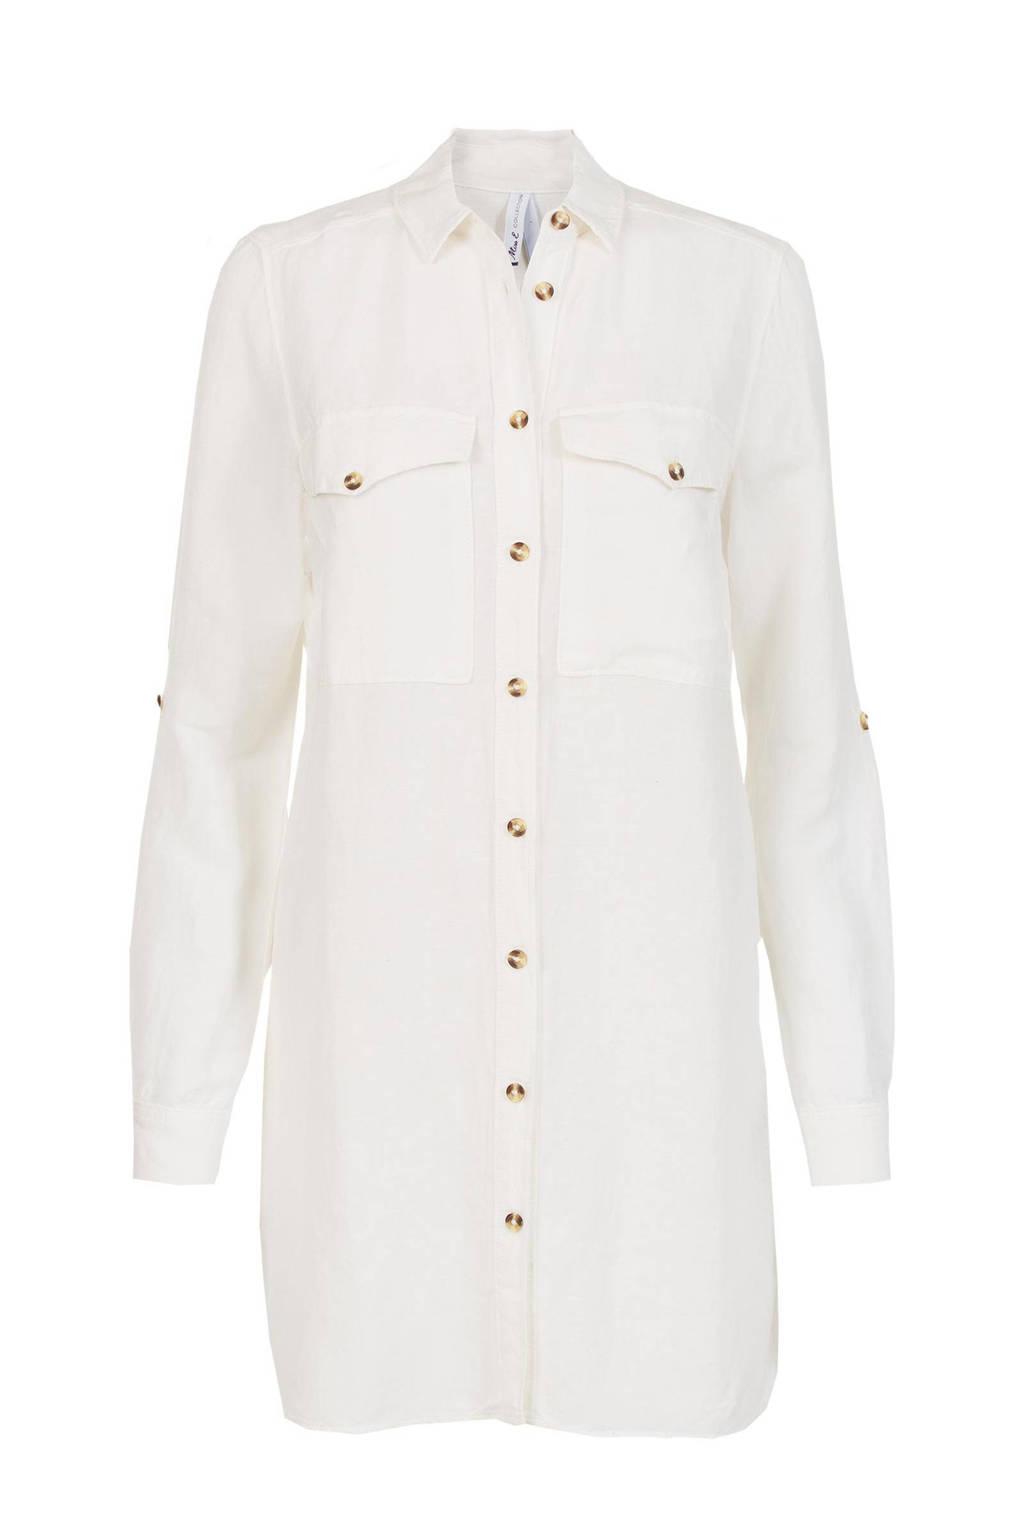 Miss Etam Regulier blouse met linnen wit, Wit